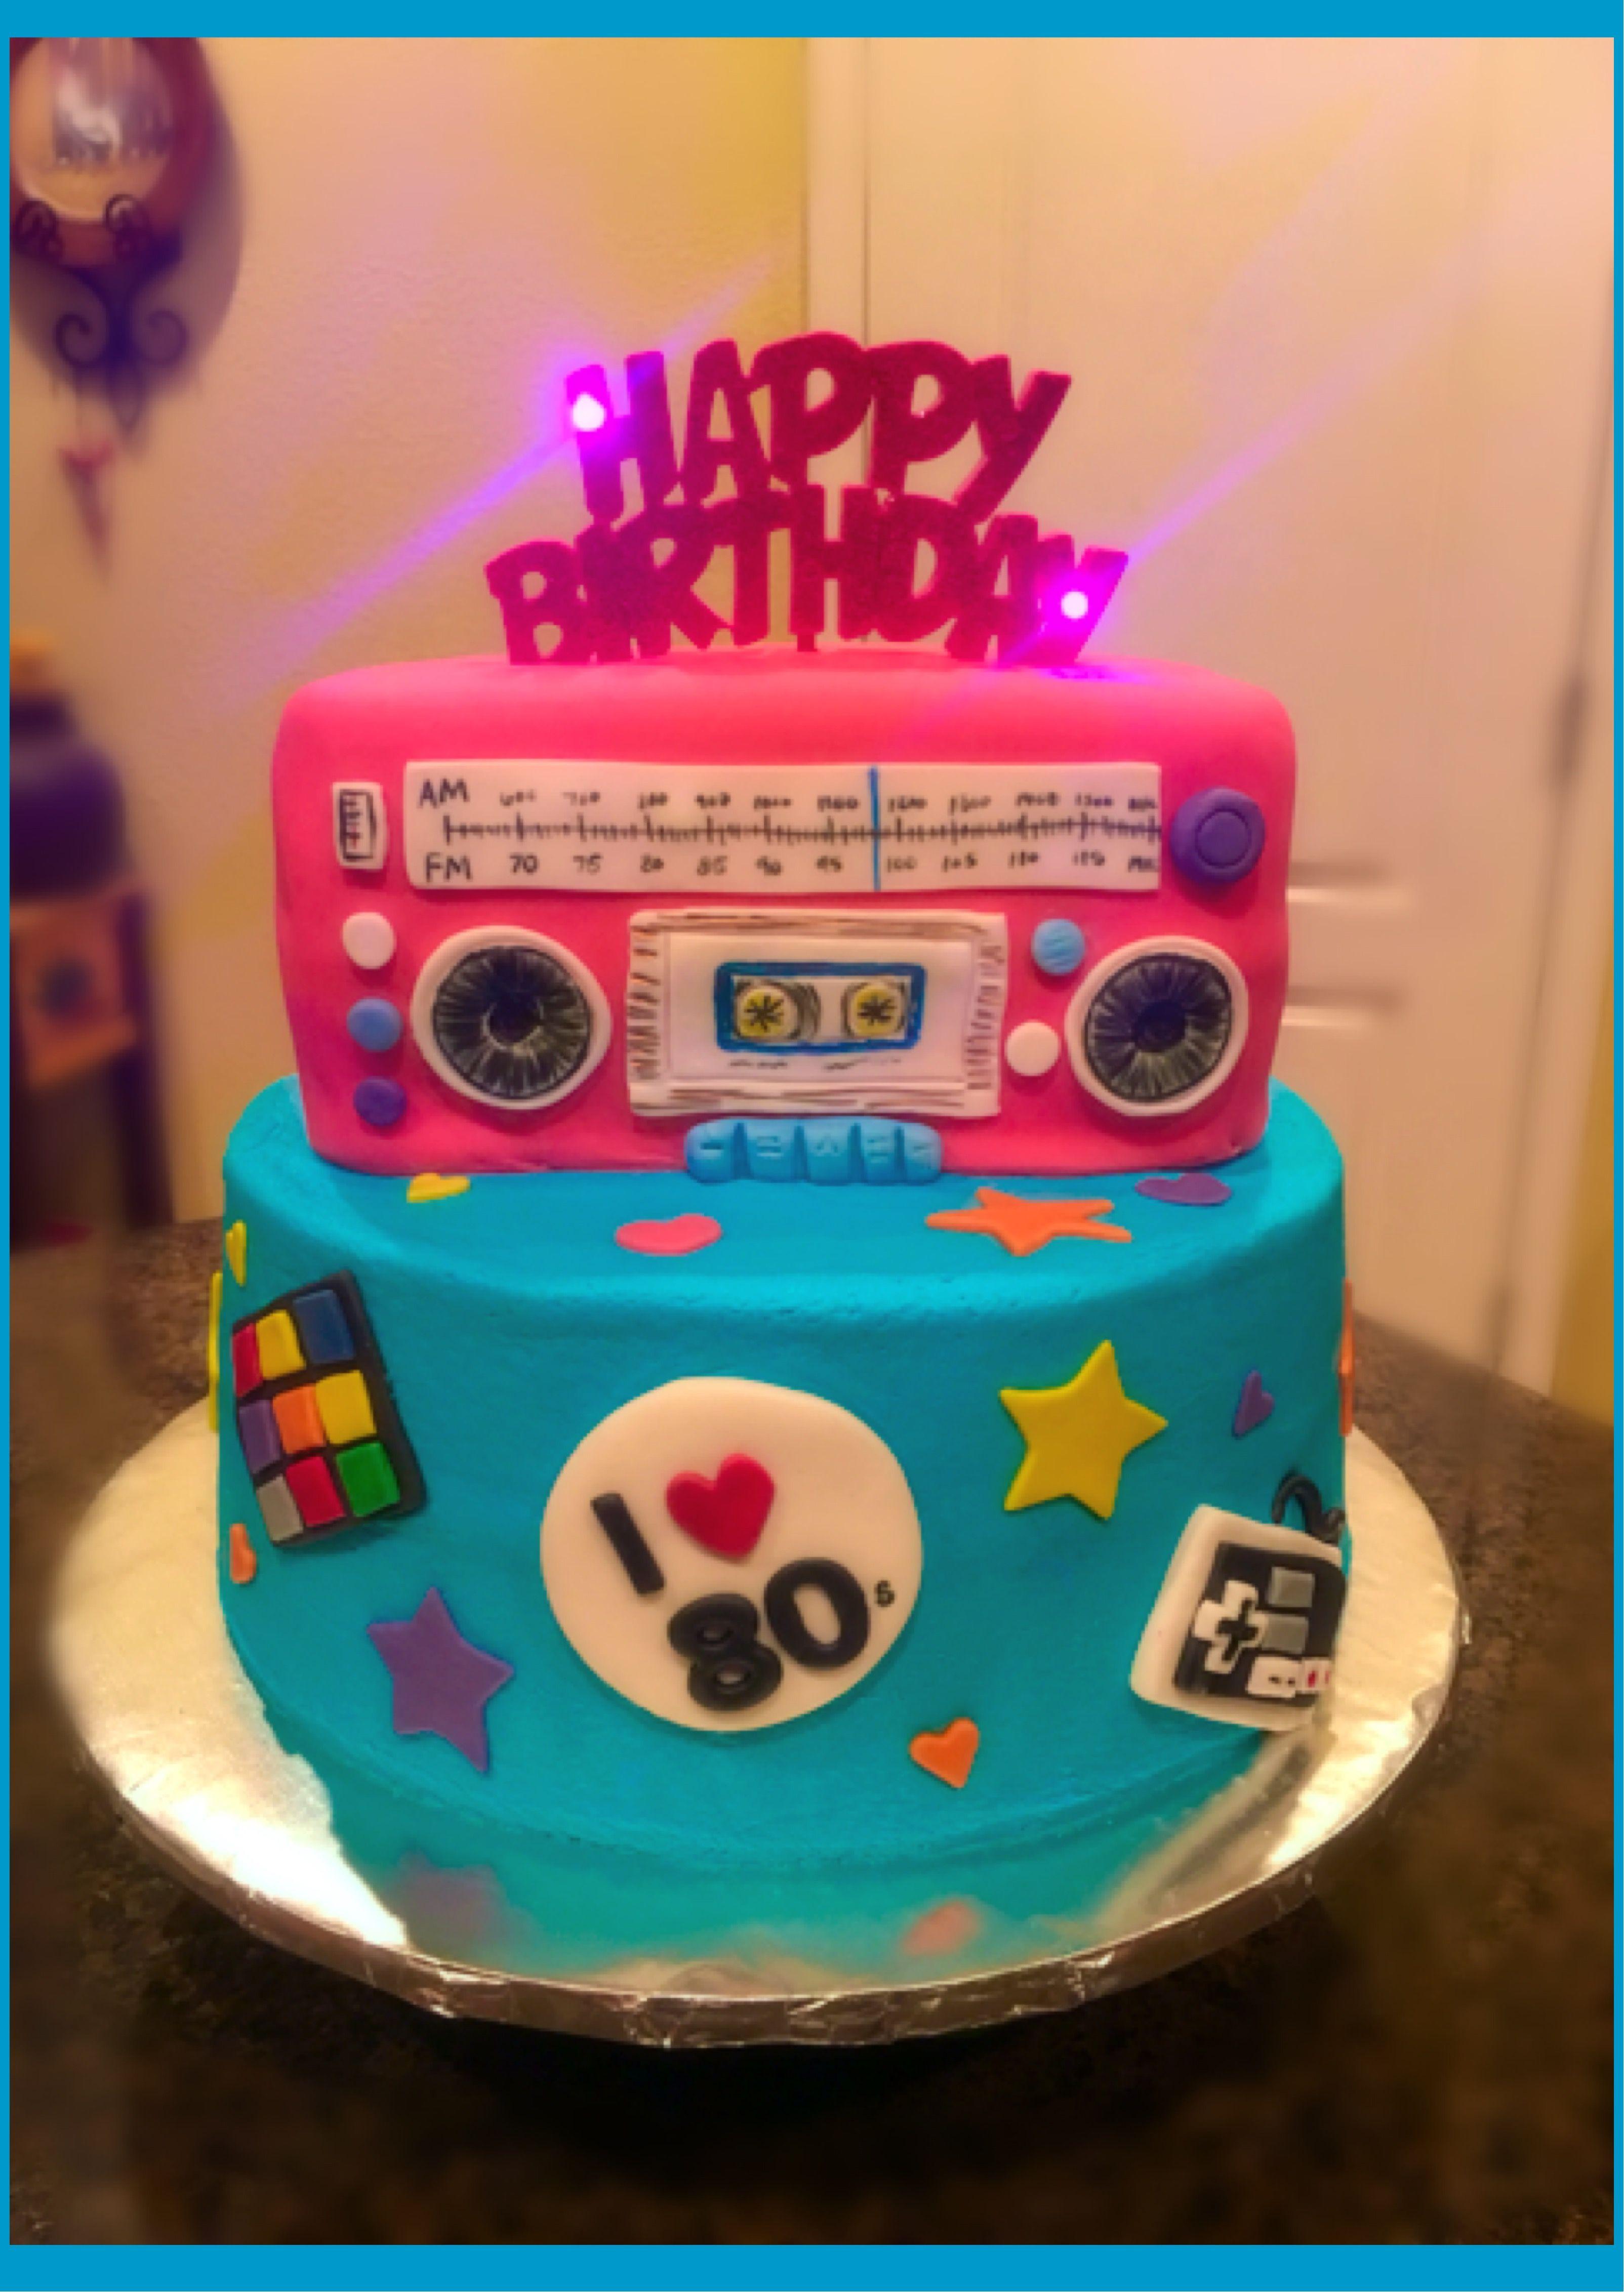 Pleasant 80S Boombox Birthday Cake Neon Birthday Cakes 80S Birthday Birthday Cards Printable Riciscafe Filternl